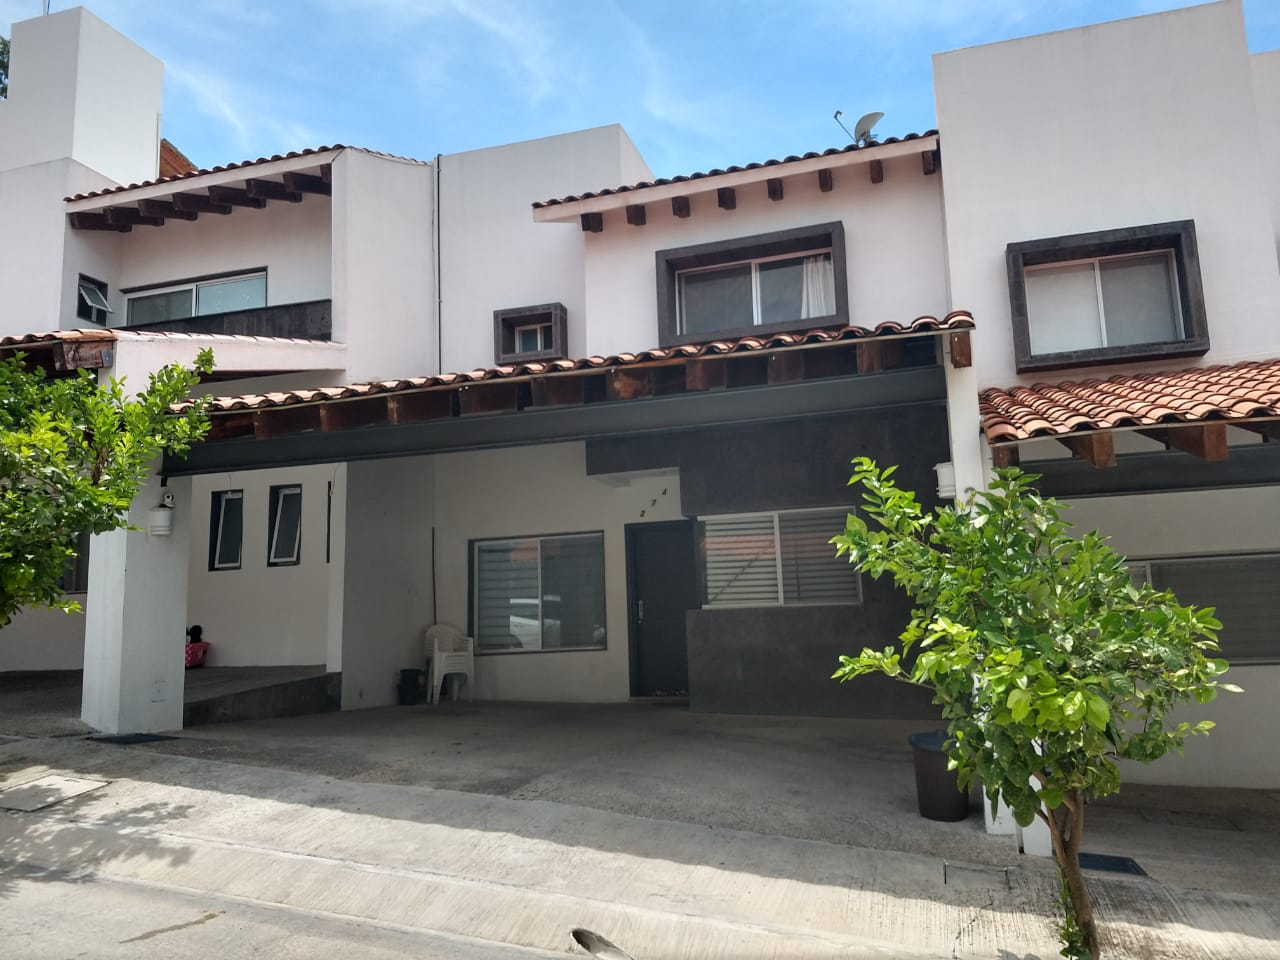 Casa en venta en el Fraccionamiento Terranova, Tuxtla Gutiérrez, Chiapas.